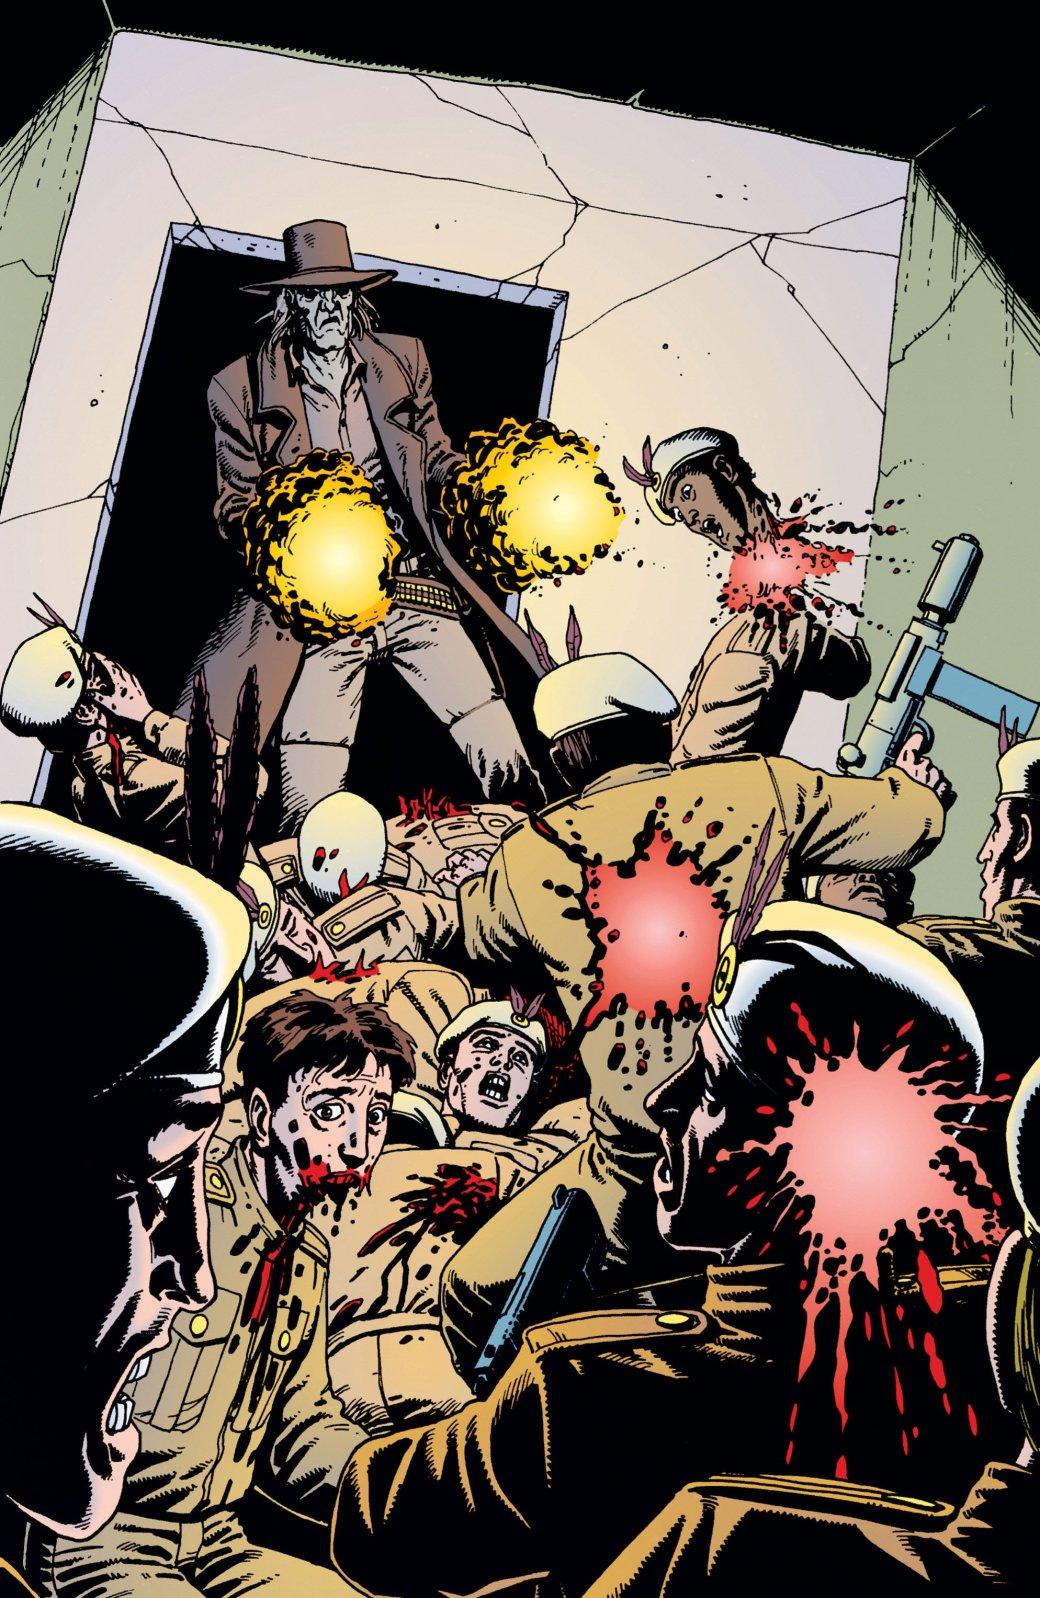 Самые жестокие иотвратительные сцены изкомикса Preacher («Проповедник») | Канобу - Изображение 14